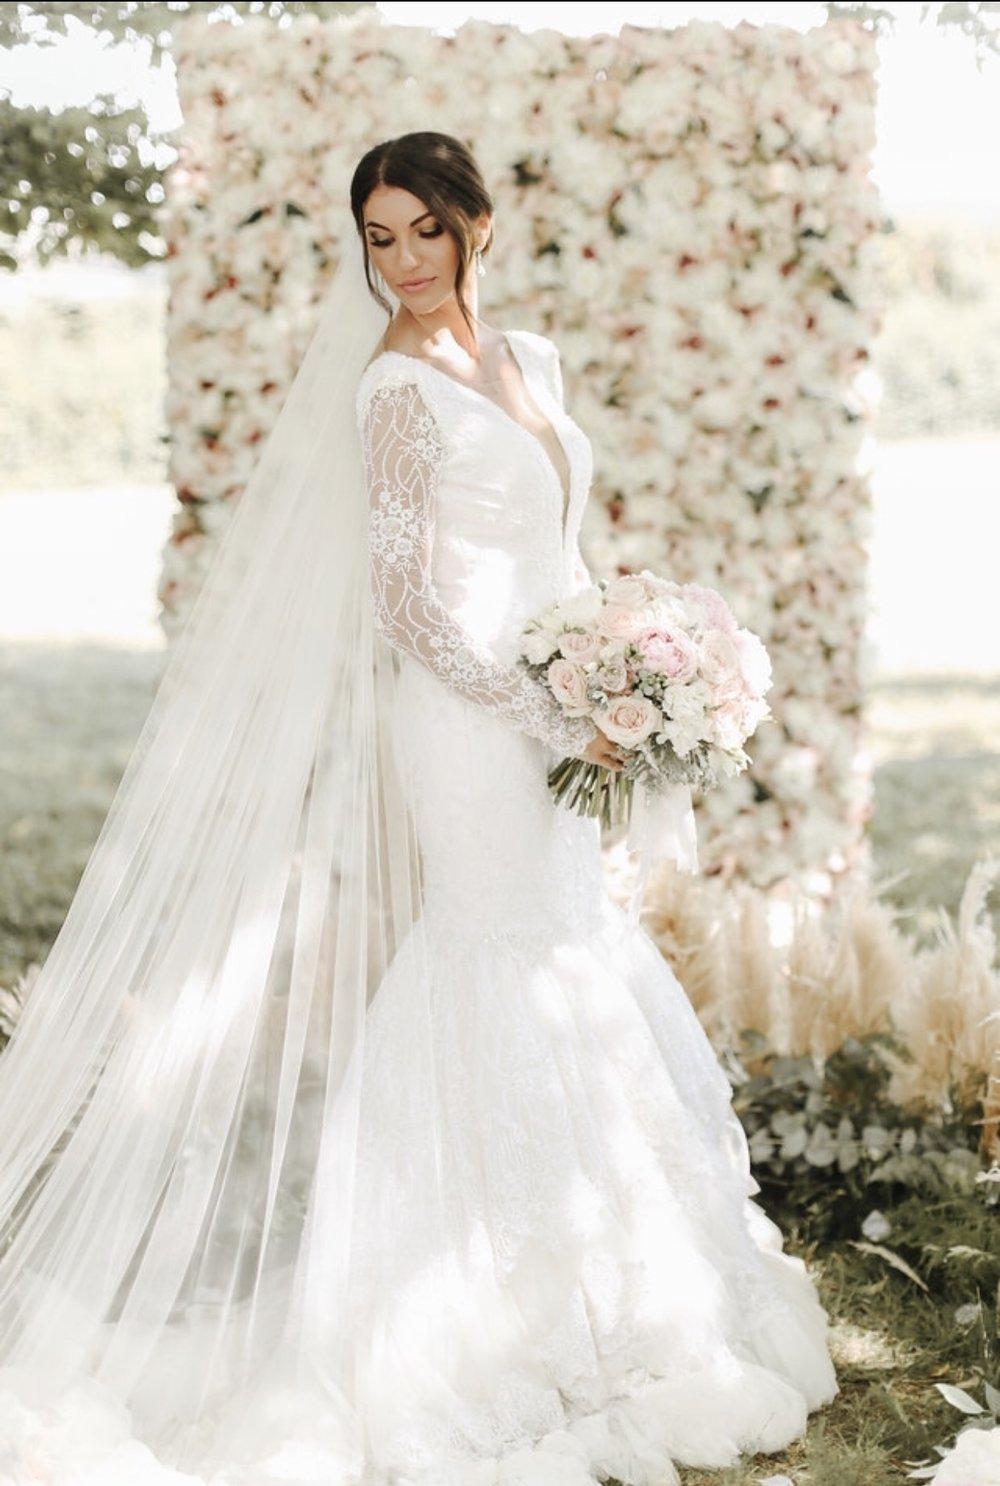 Nikki Elliott-Taylor